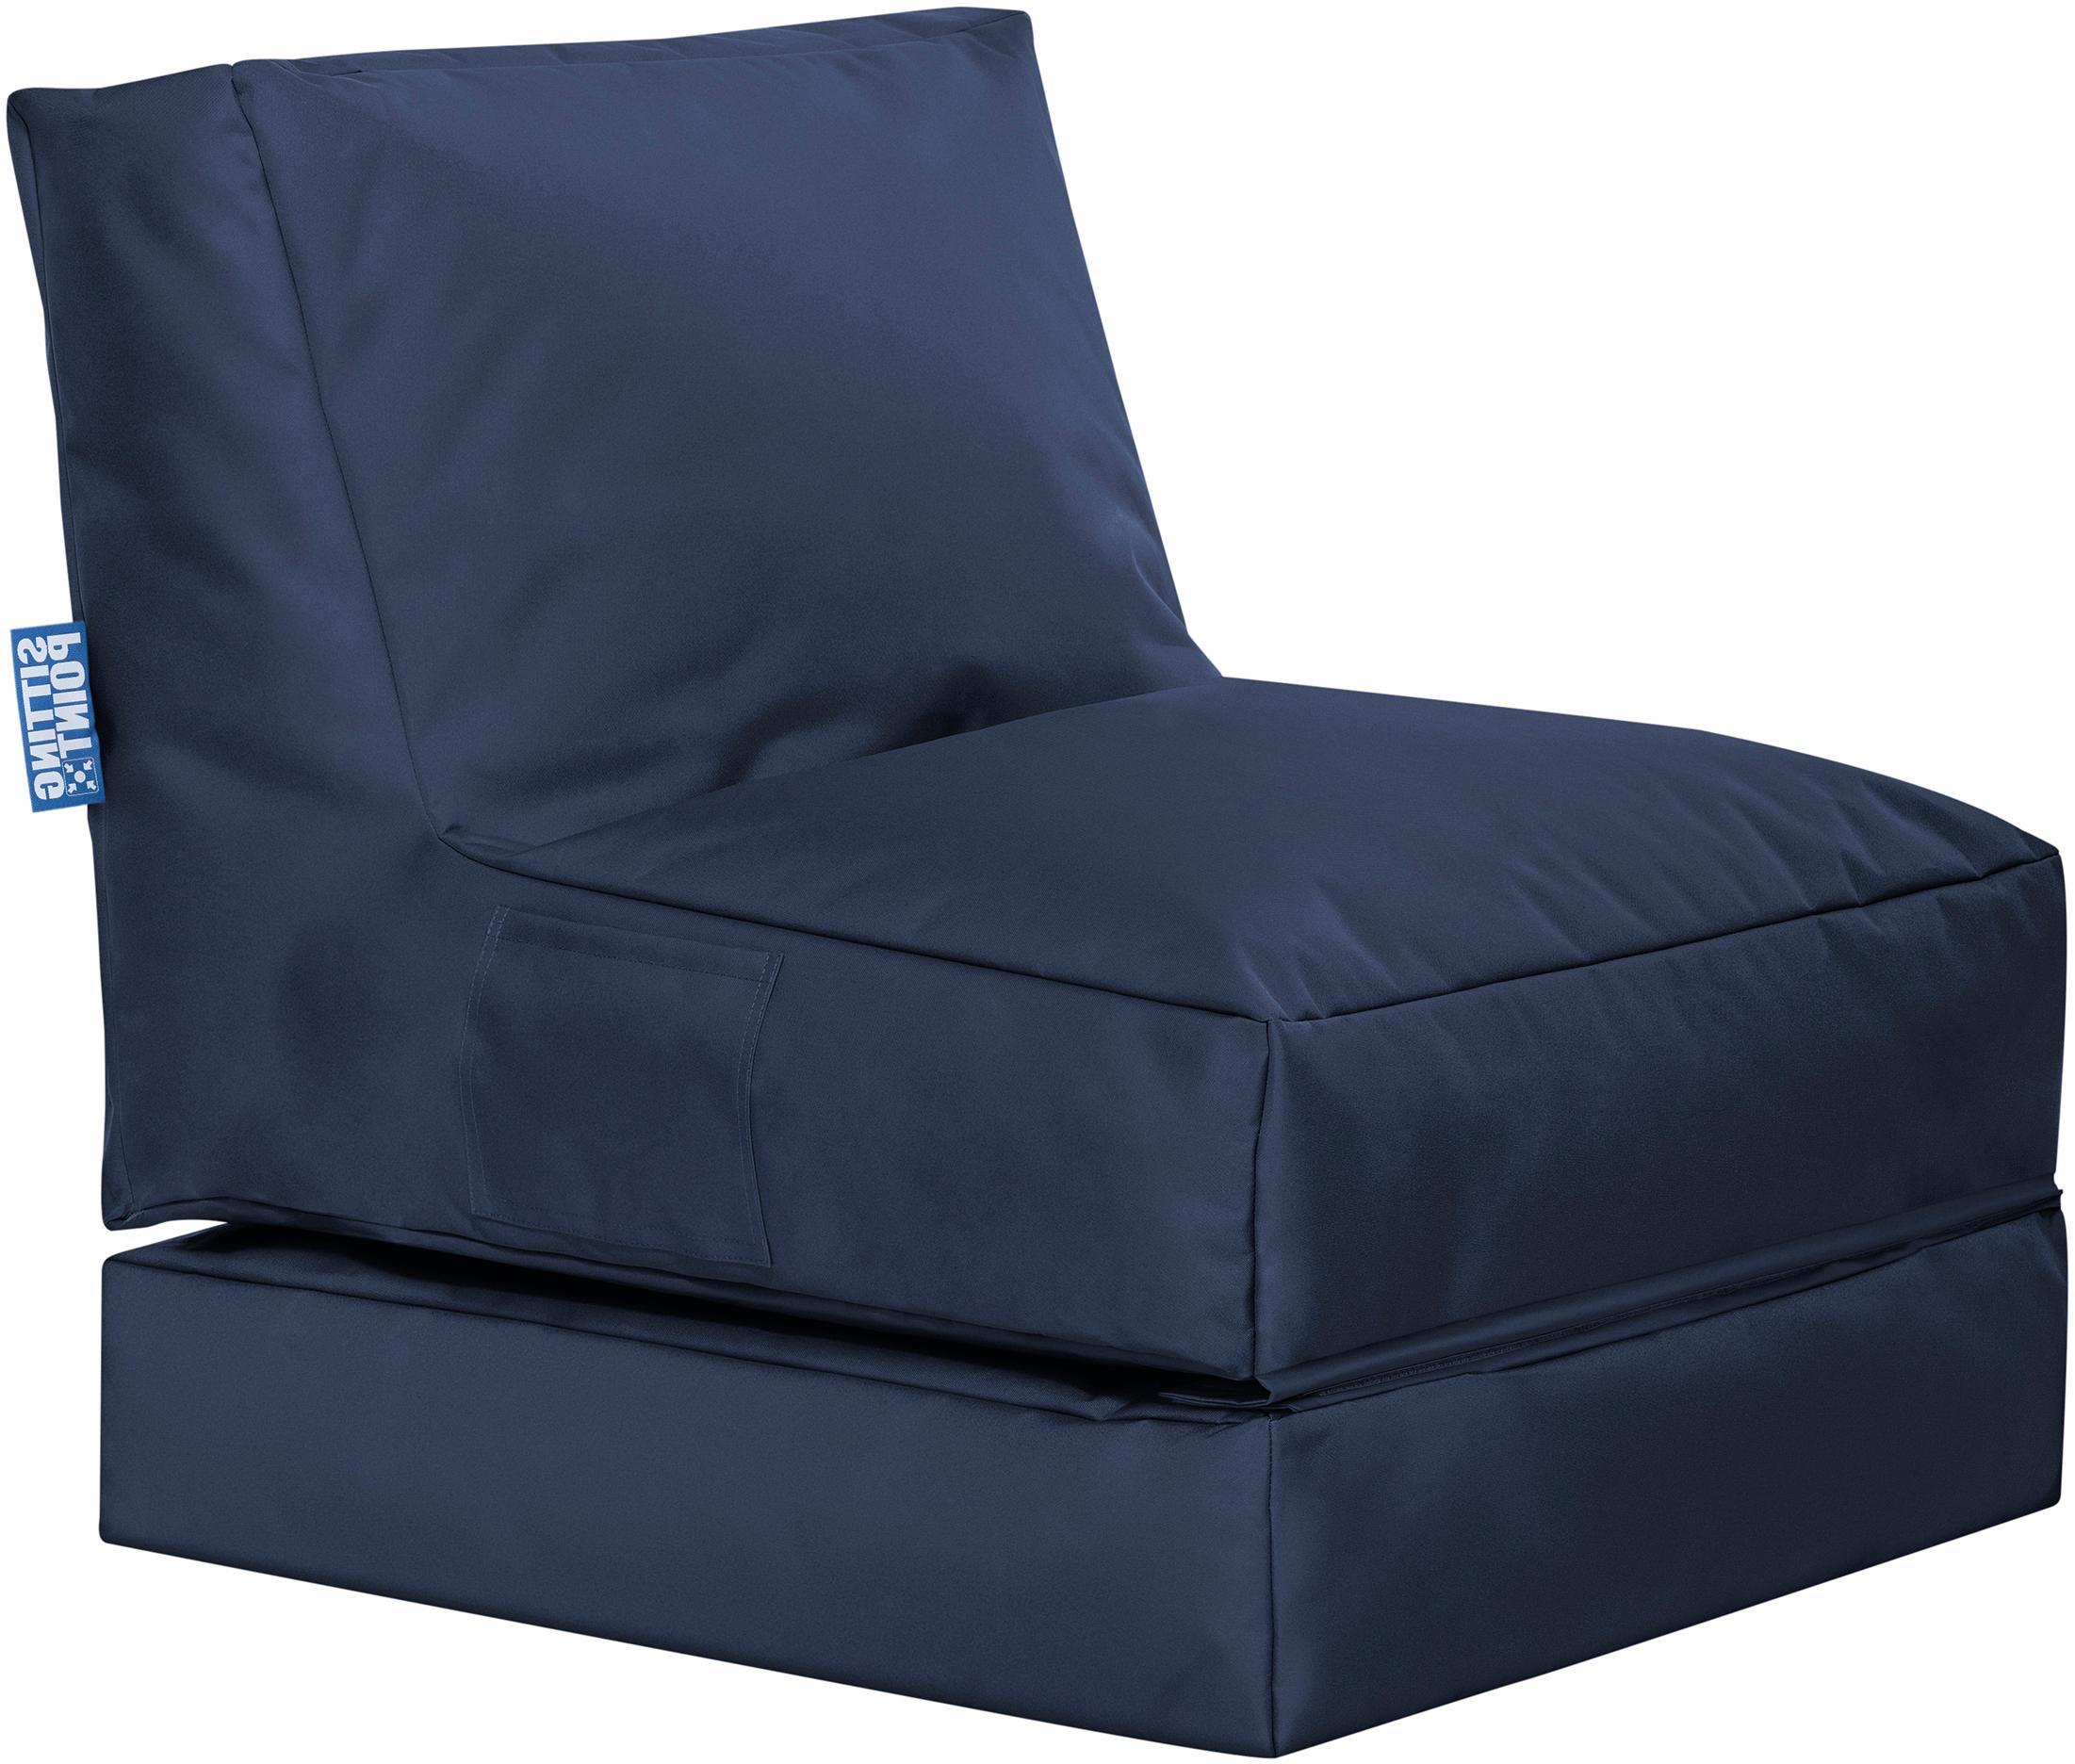 Garten-Loungesessel Pop Up mit Liegefunktion, Bezug: 100% Polyester Innenseite, Jeansblau, B 70 x T 90 cm